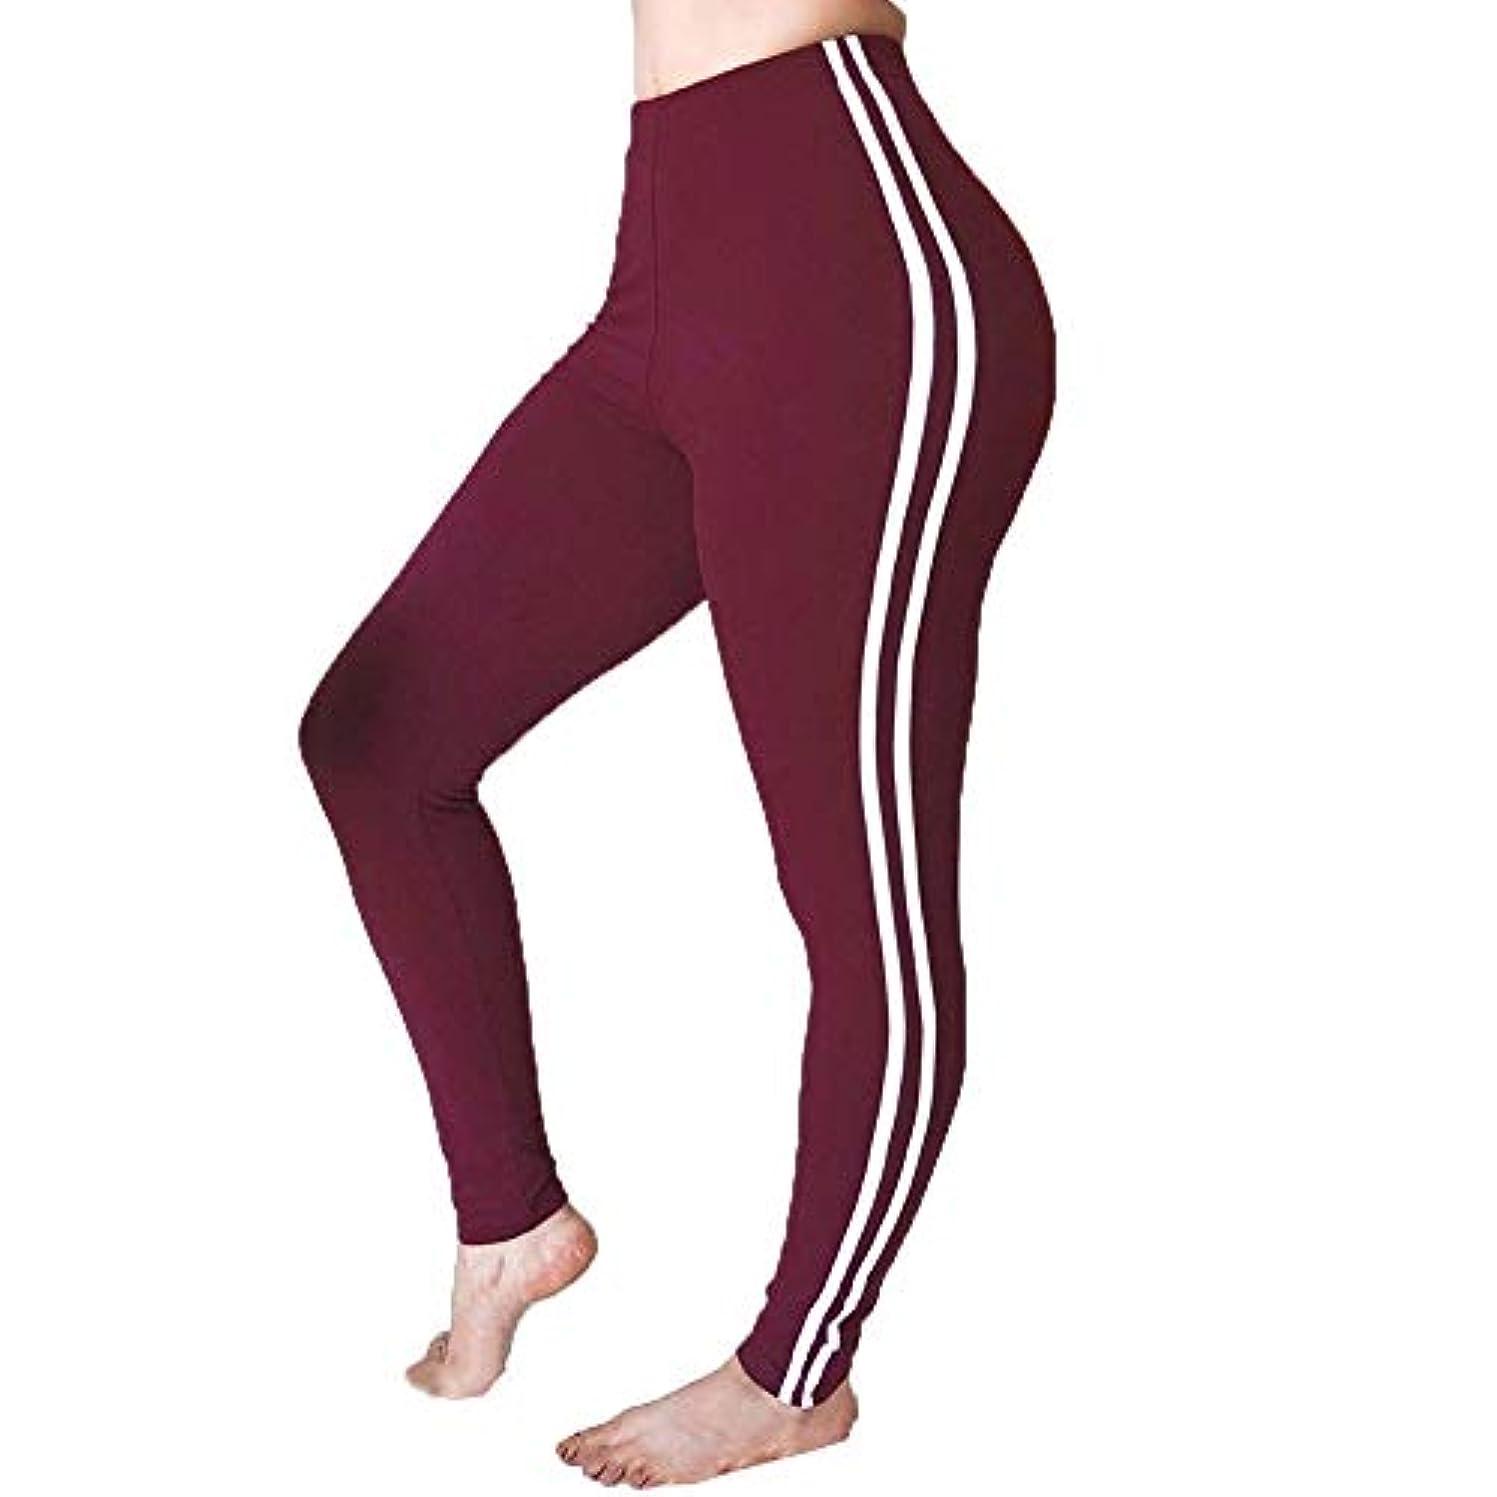 アンデス山脈居心地の良いうまくいけばMIFAN 女性パンツ、ロングパンツ、ハイウエストパンツ、スポーツパンツ、スキニーパンツ、ヨガパンツ、